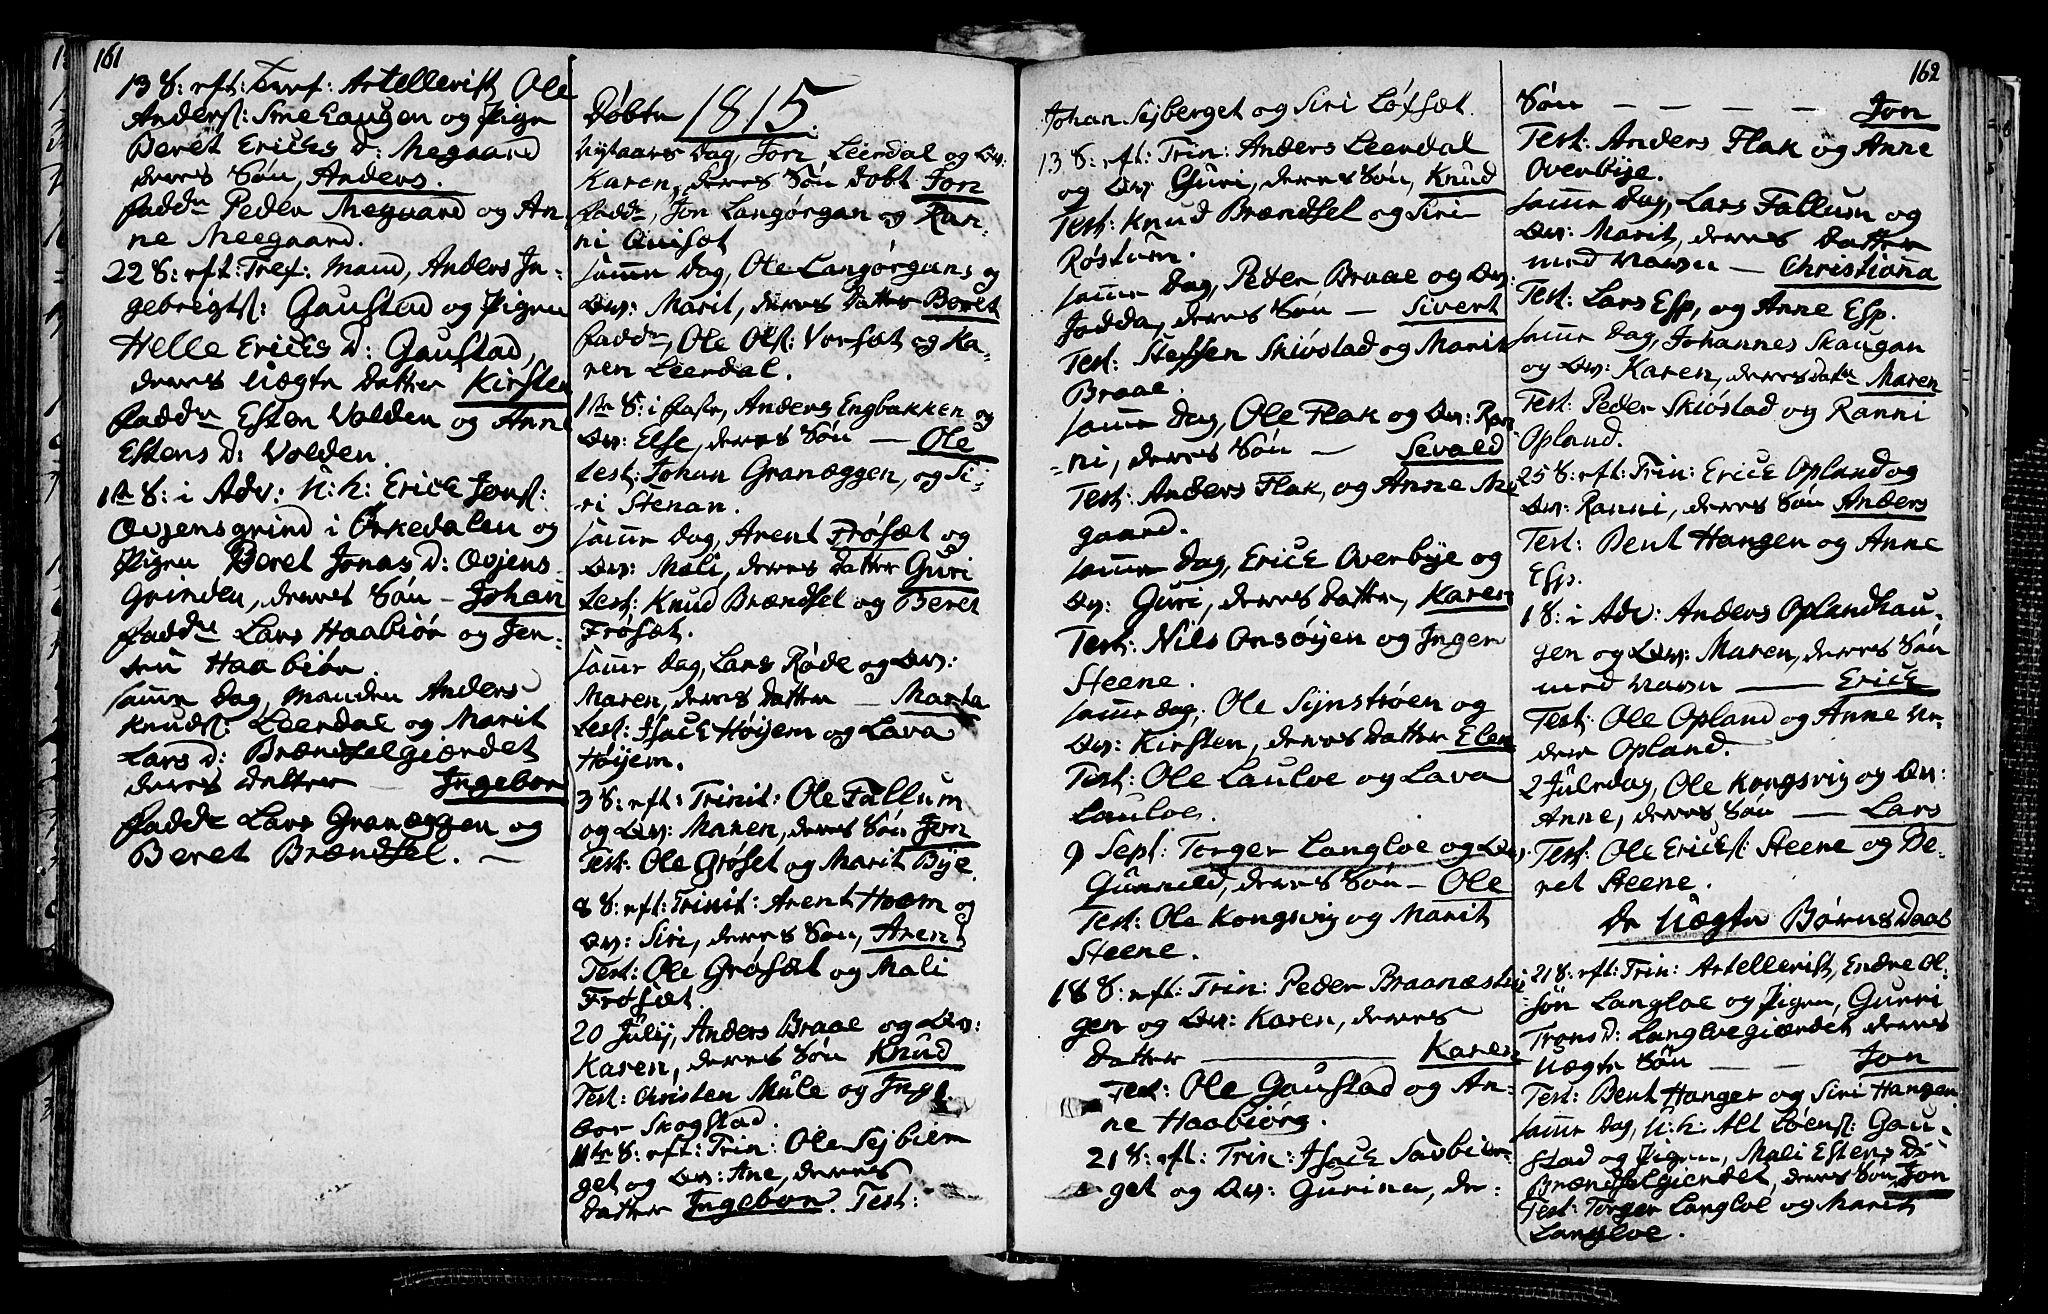 SAT, Ministerialprotokoller, klokkerbøker og fødselsregistre - Sør-Trøndelag, 612/L0371: Ministerialbok nr. 612A05, 1803-1816, s. 161-162